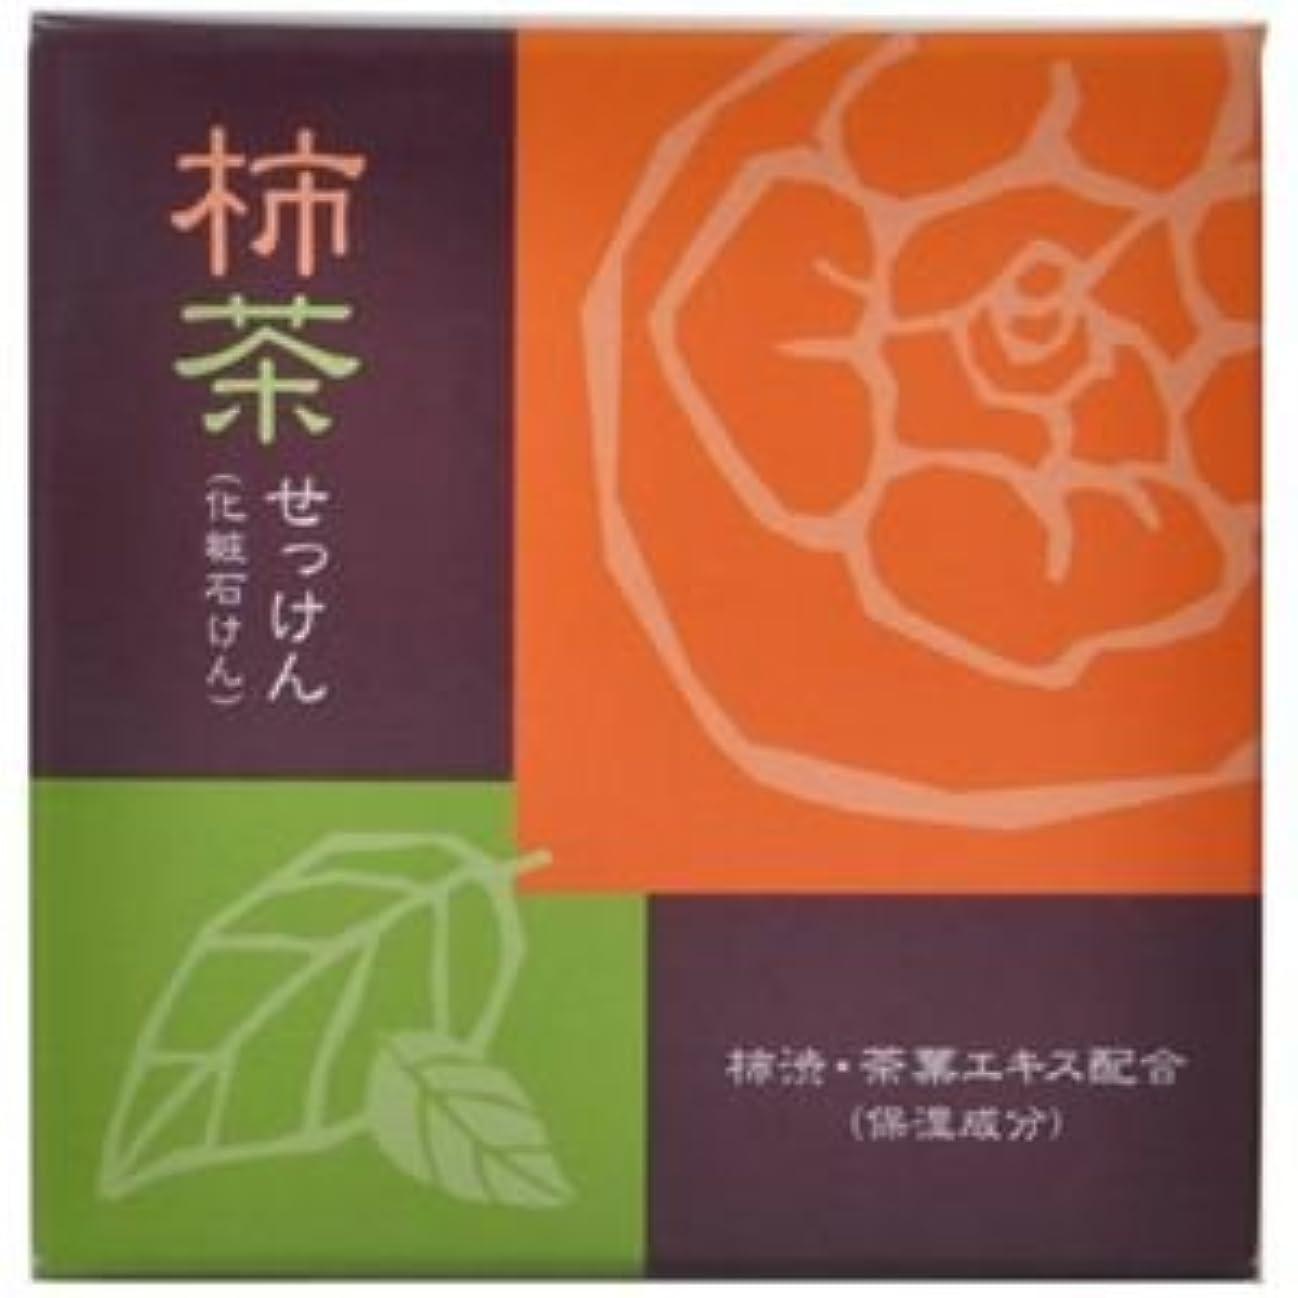 空白ランタン愛人柿茶石けん 80g 【3セット】